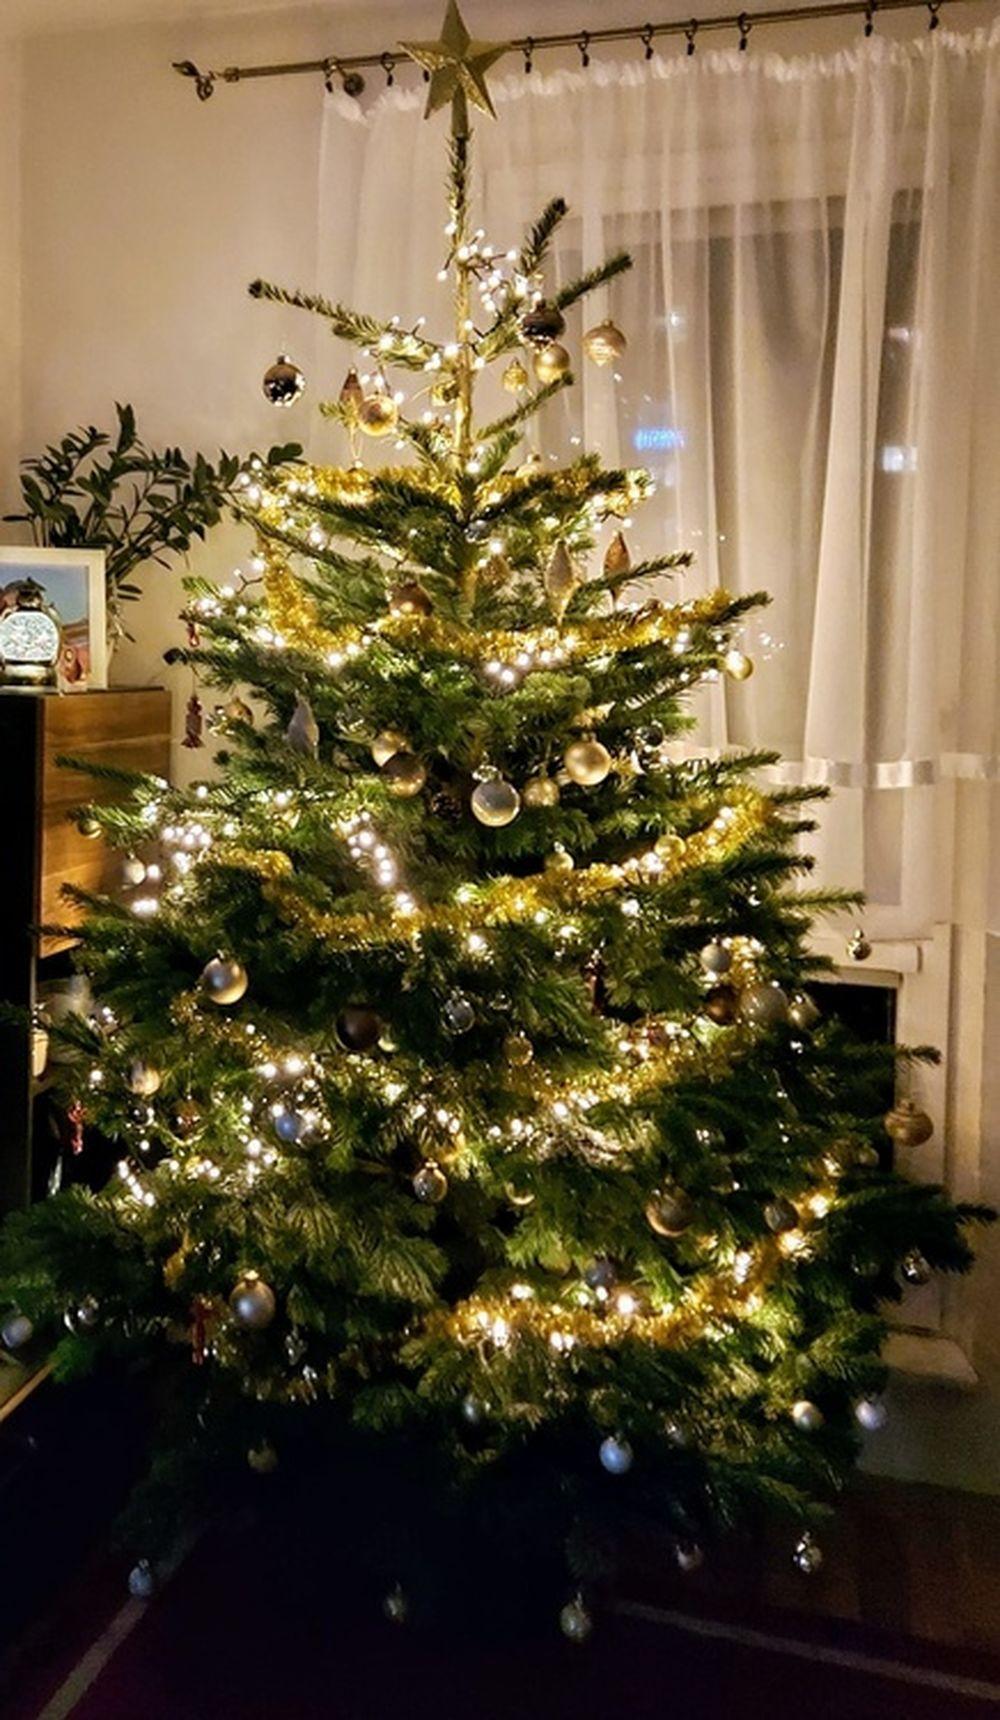 FOTO: Vianočné stromčeky v Žiline - výber fotografií našich čitateľov, foto 24